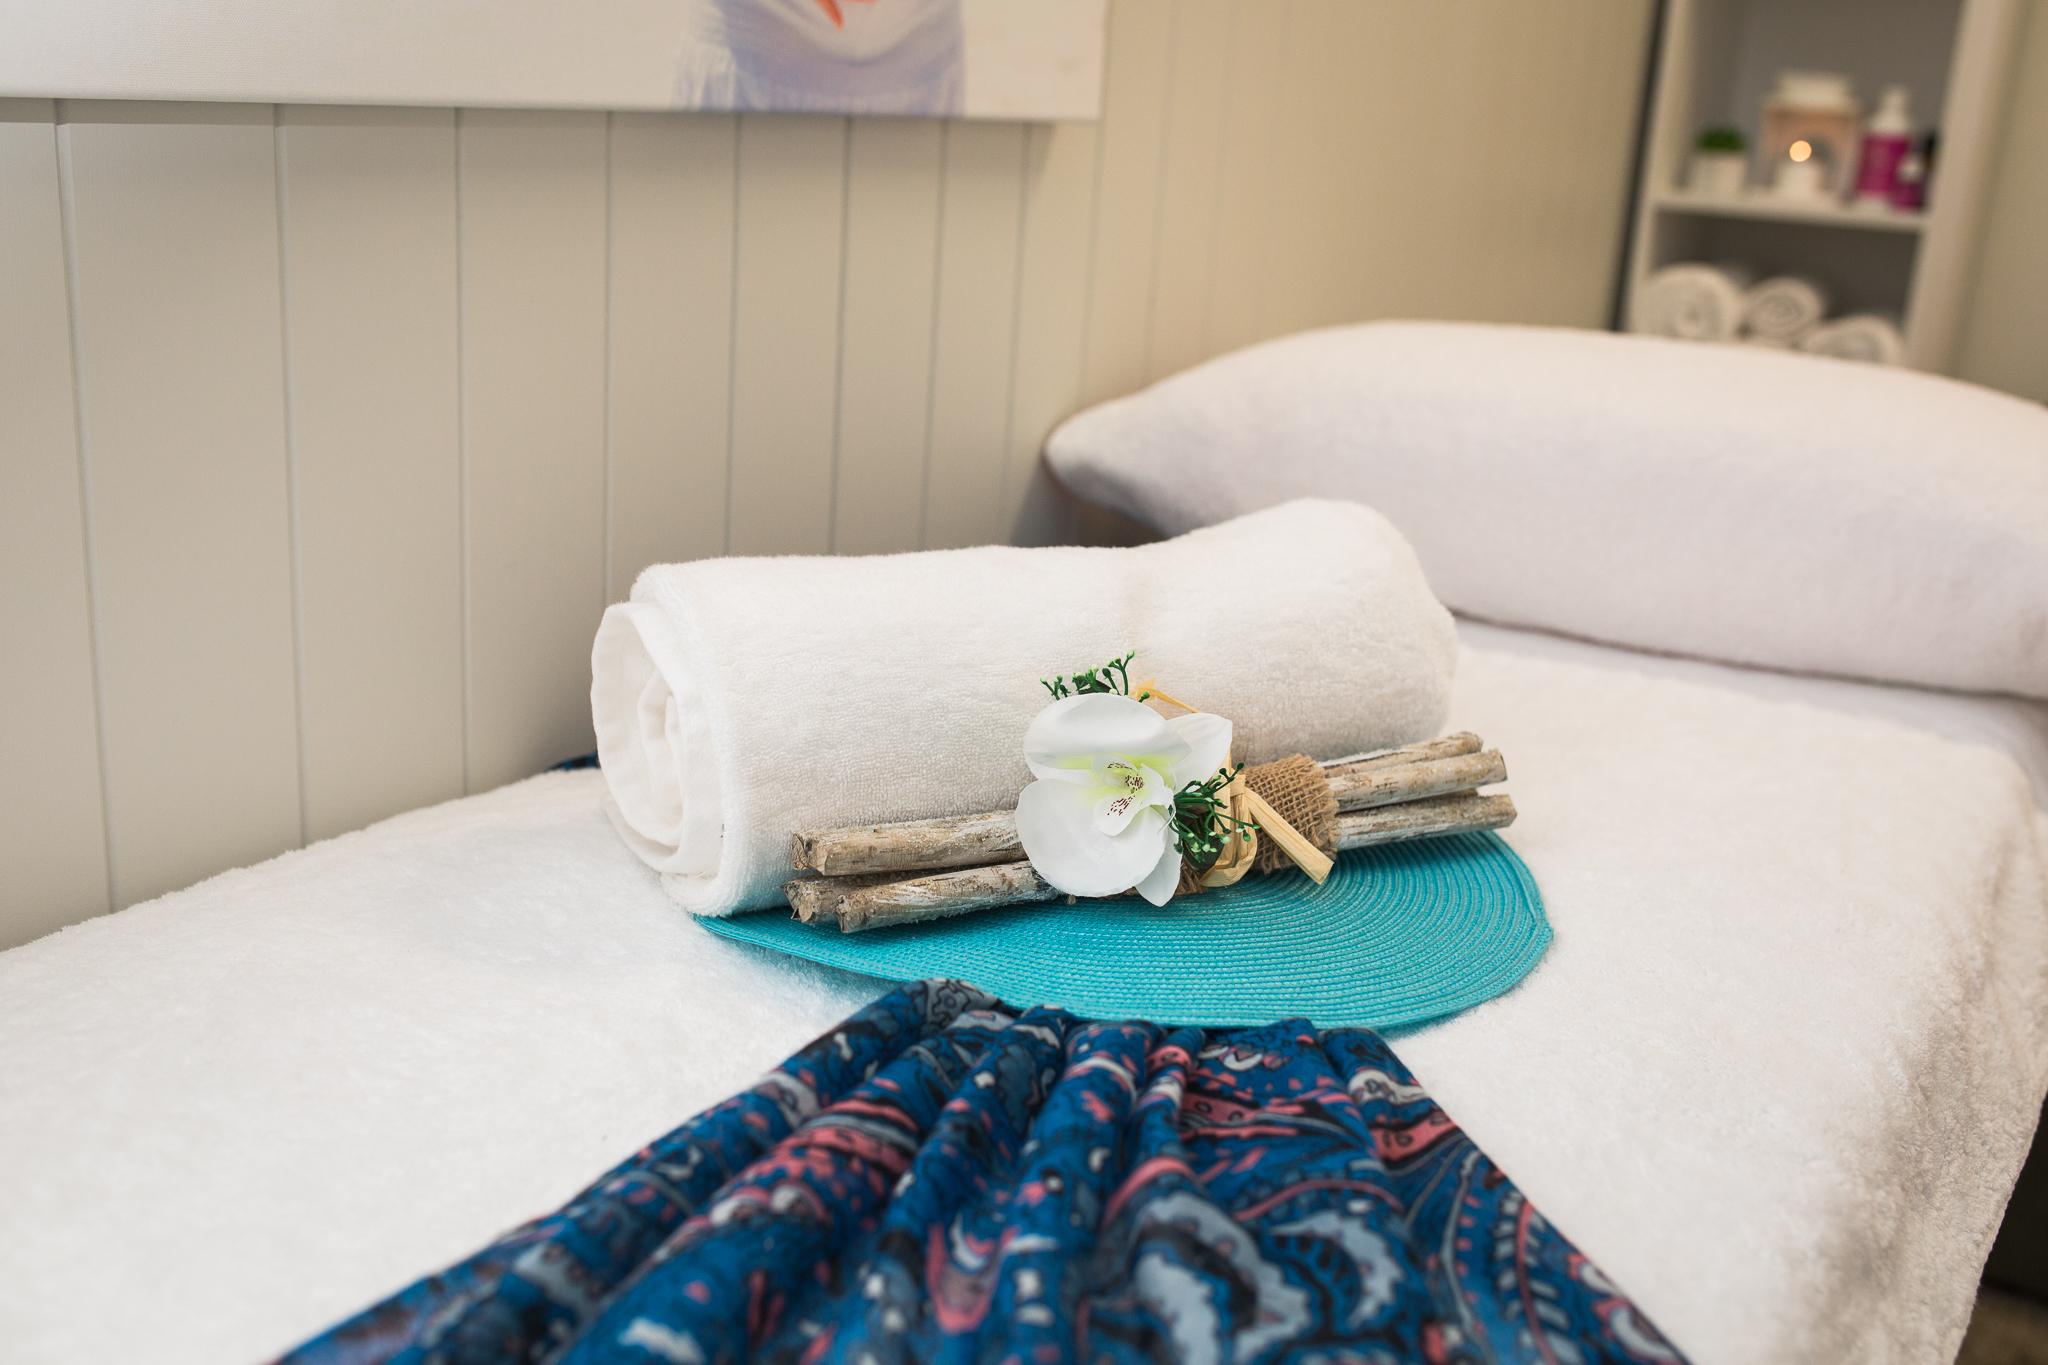 Kindred BIrth - Essenchelle massage-4.jpg